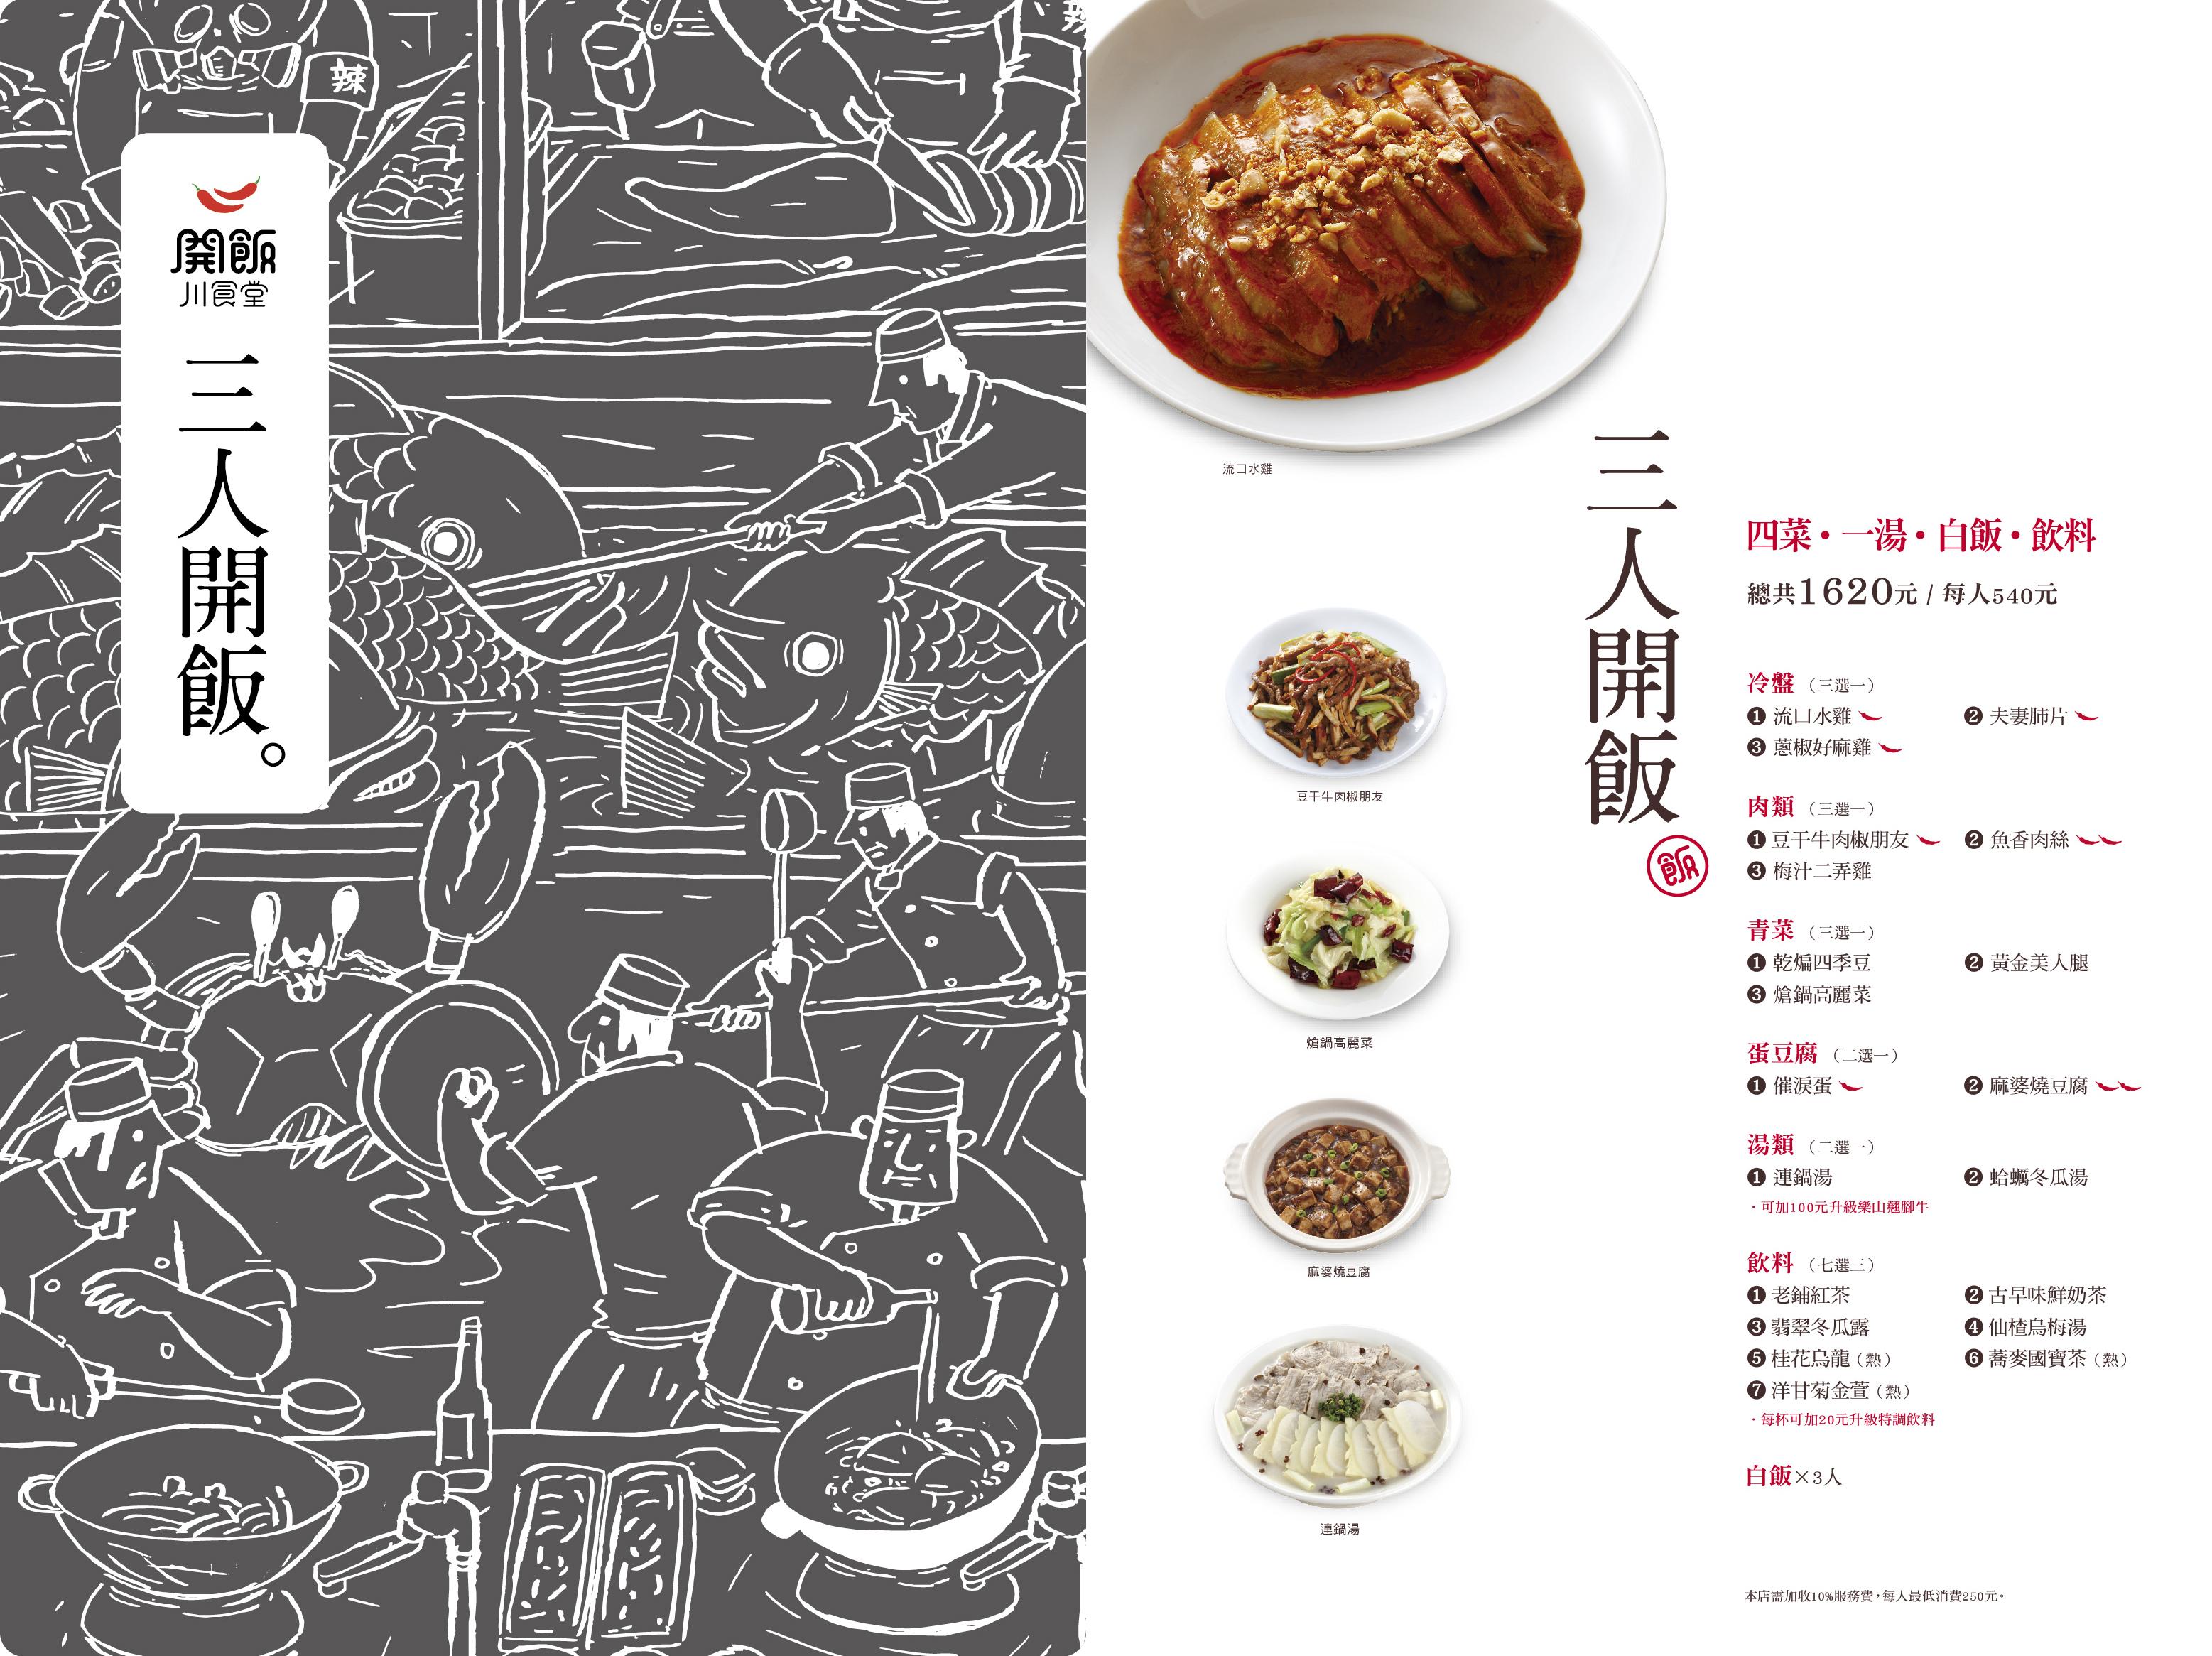 開飯川食堂 菜單 台中 套餐06